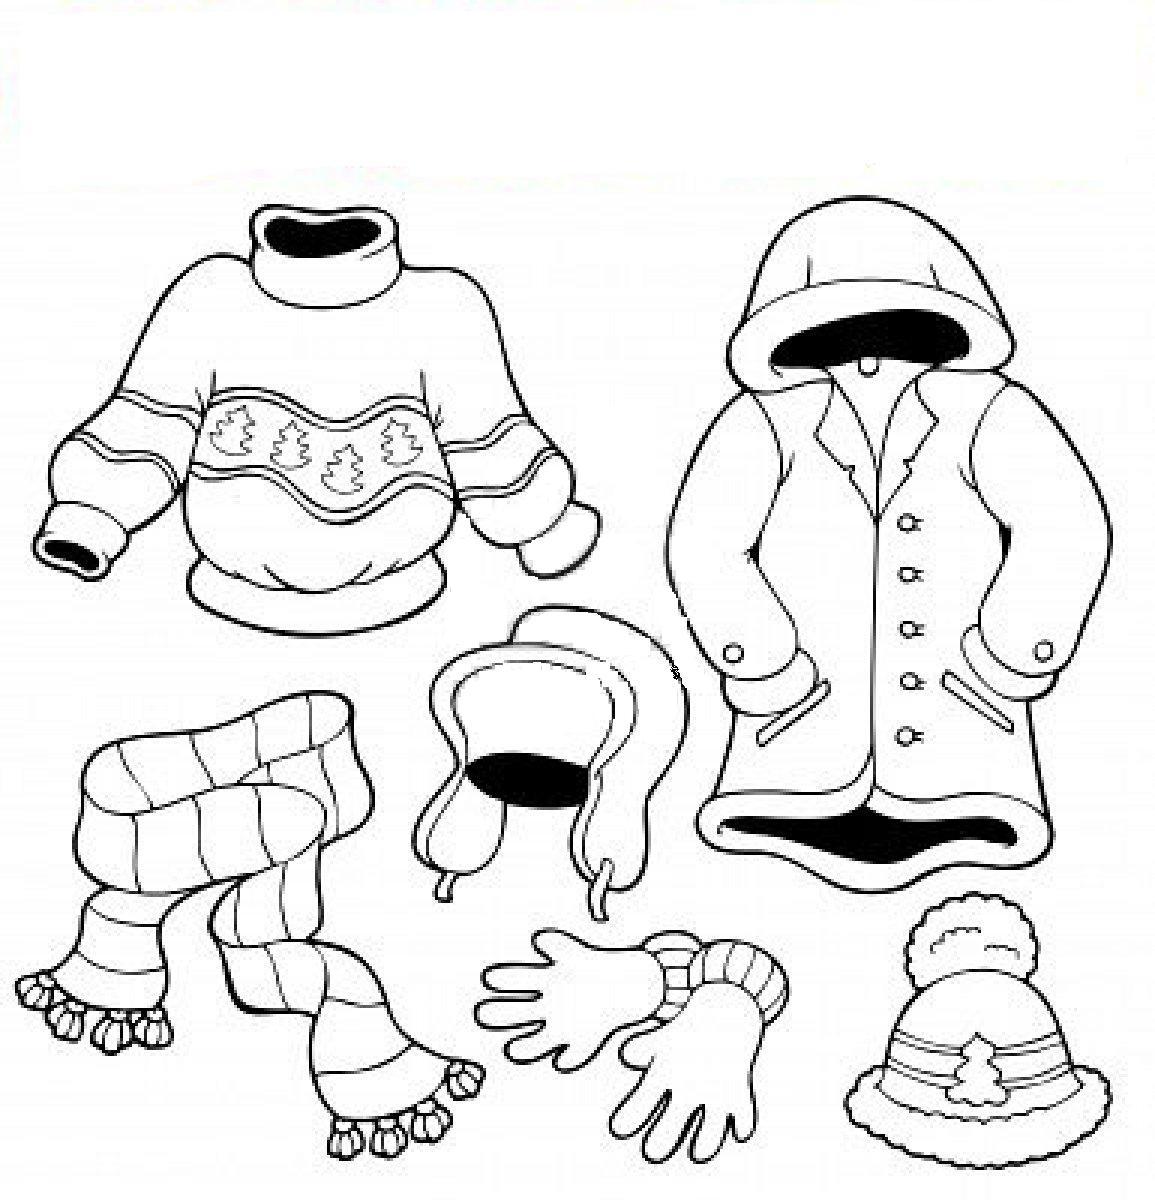 COLOREA TUS DIBUJOS: Dibujo de ropa de invierno para colorear